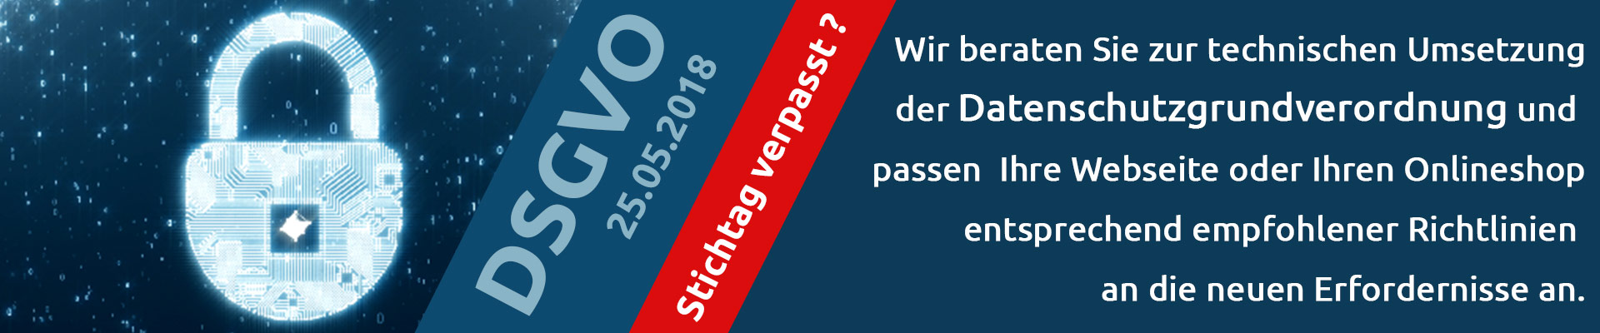 https://www.screp.de/wp-content/uploads/2018/05/Banner-Webseite.jpg